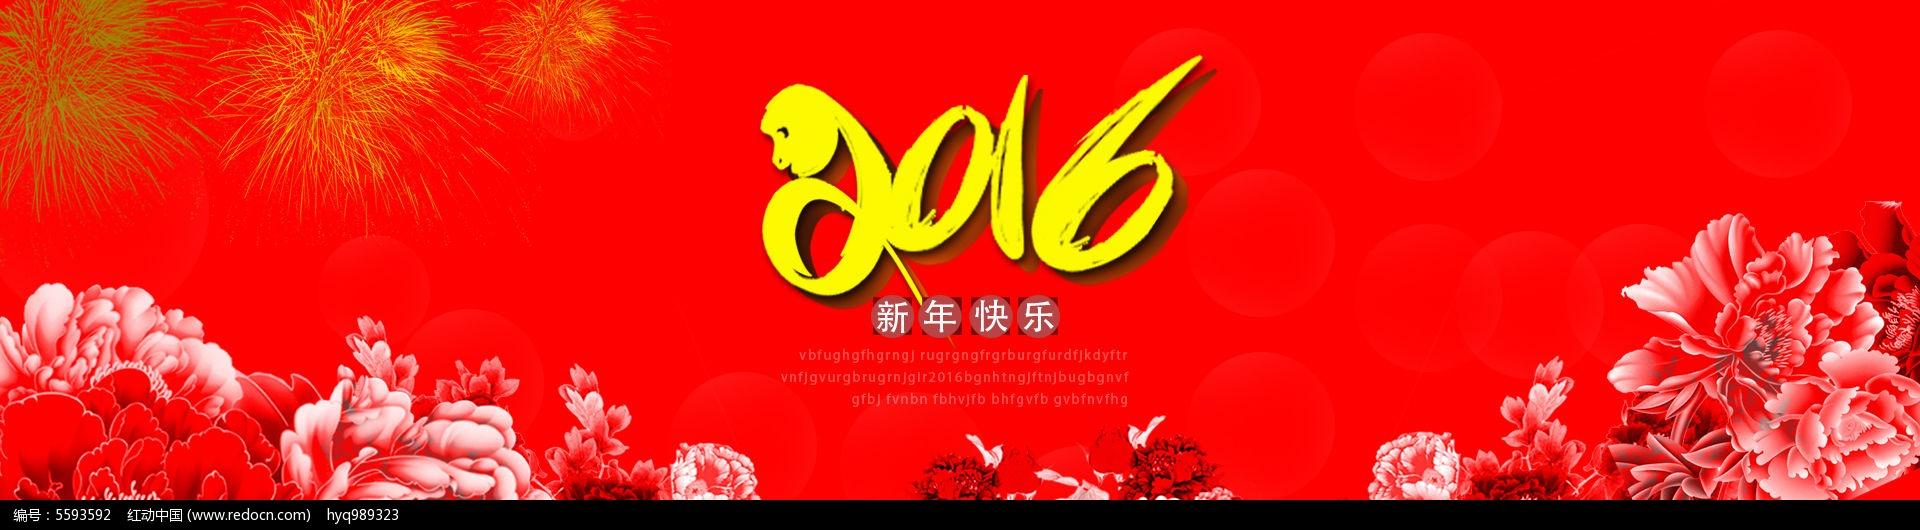 2016春节字体设计素材